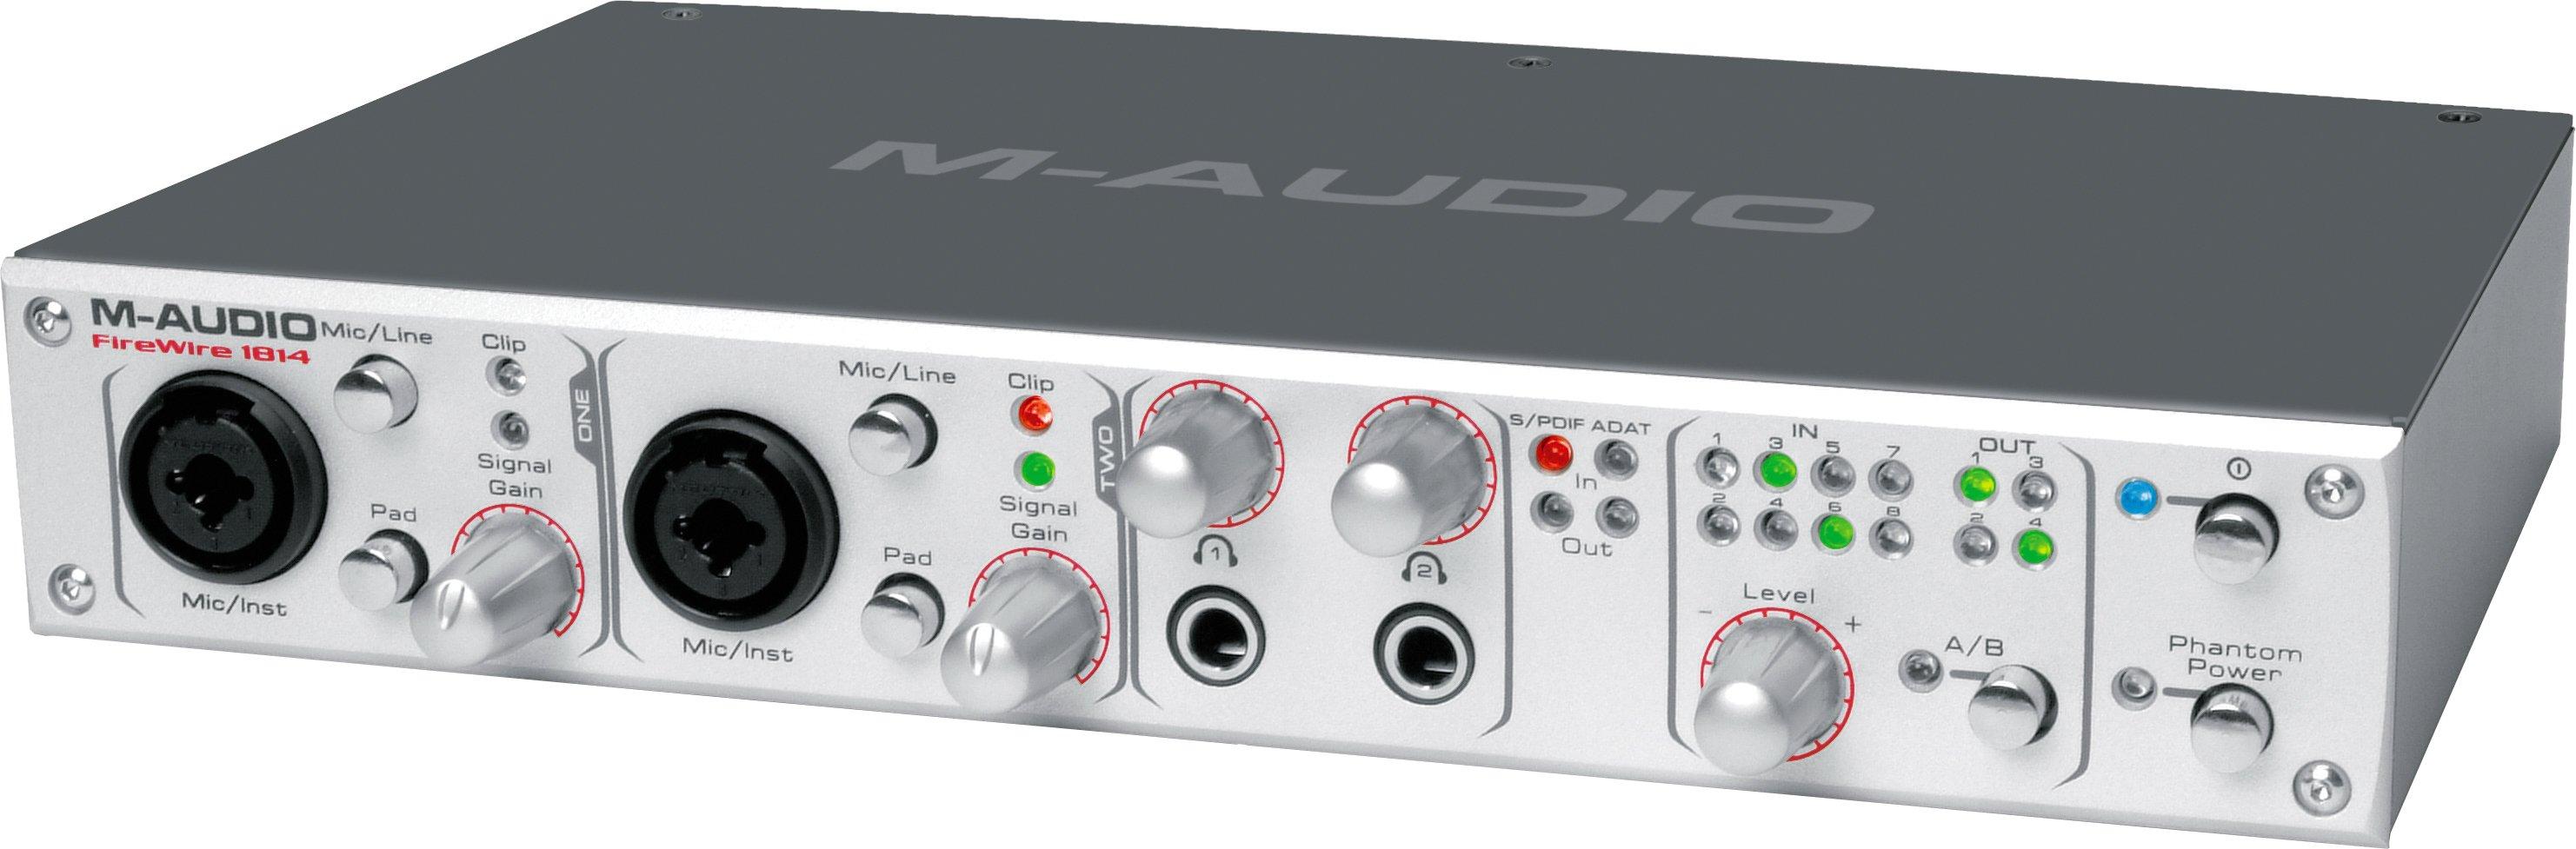 FirewireAudioInterface Preisvergleich  Günstig bei